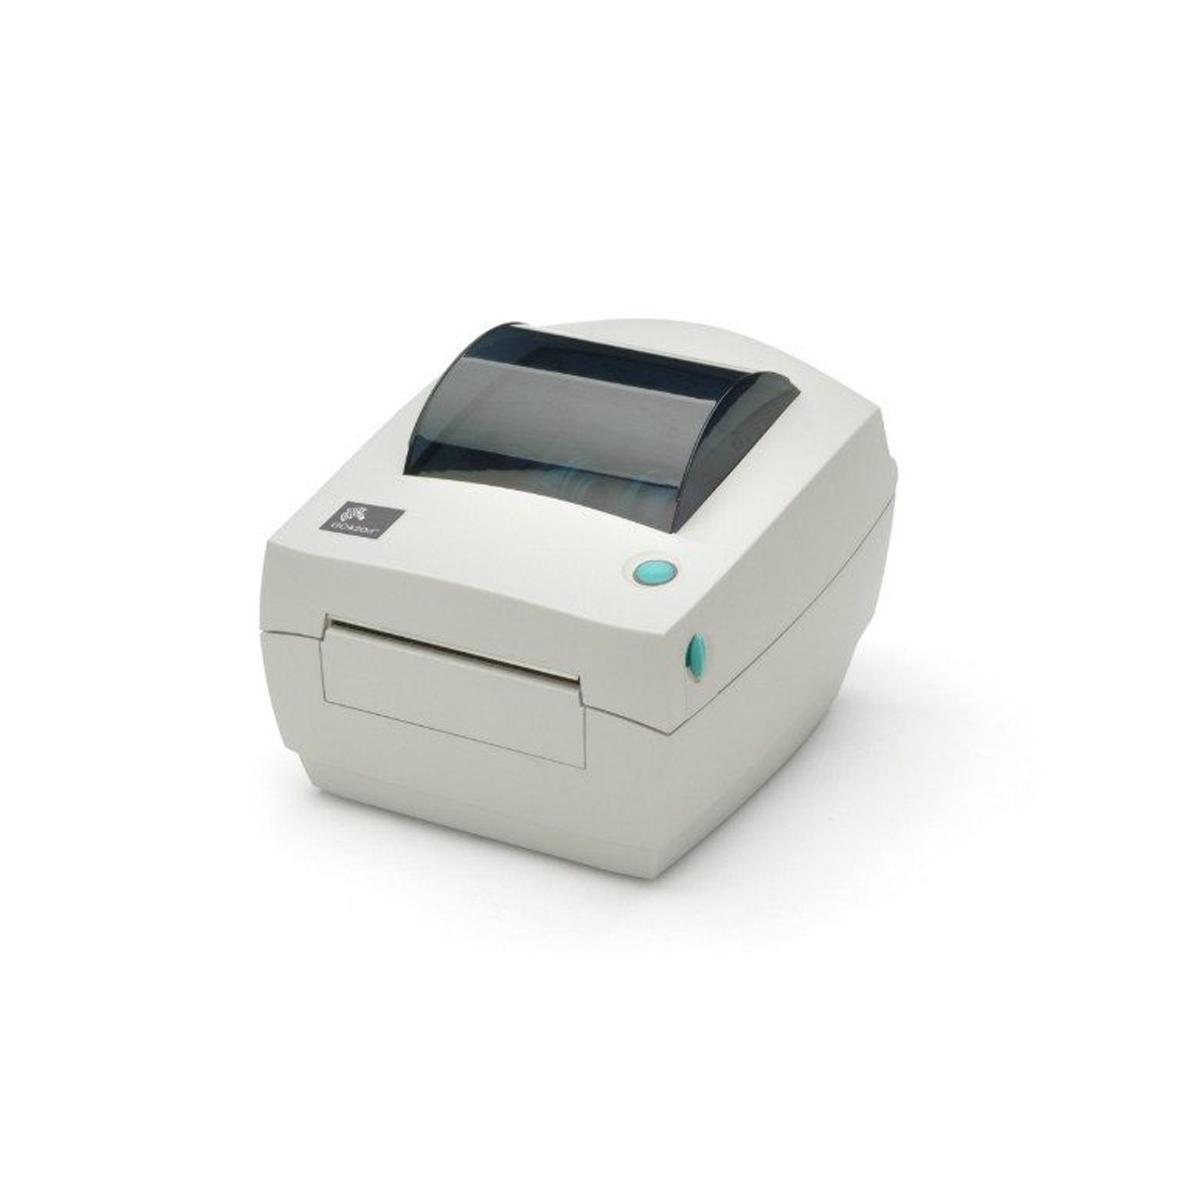 Impressora De Codigo De Barras Gc420 Zebra